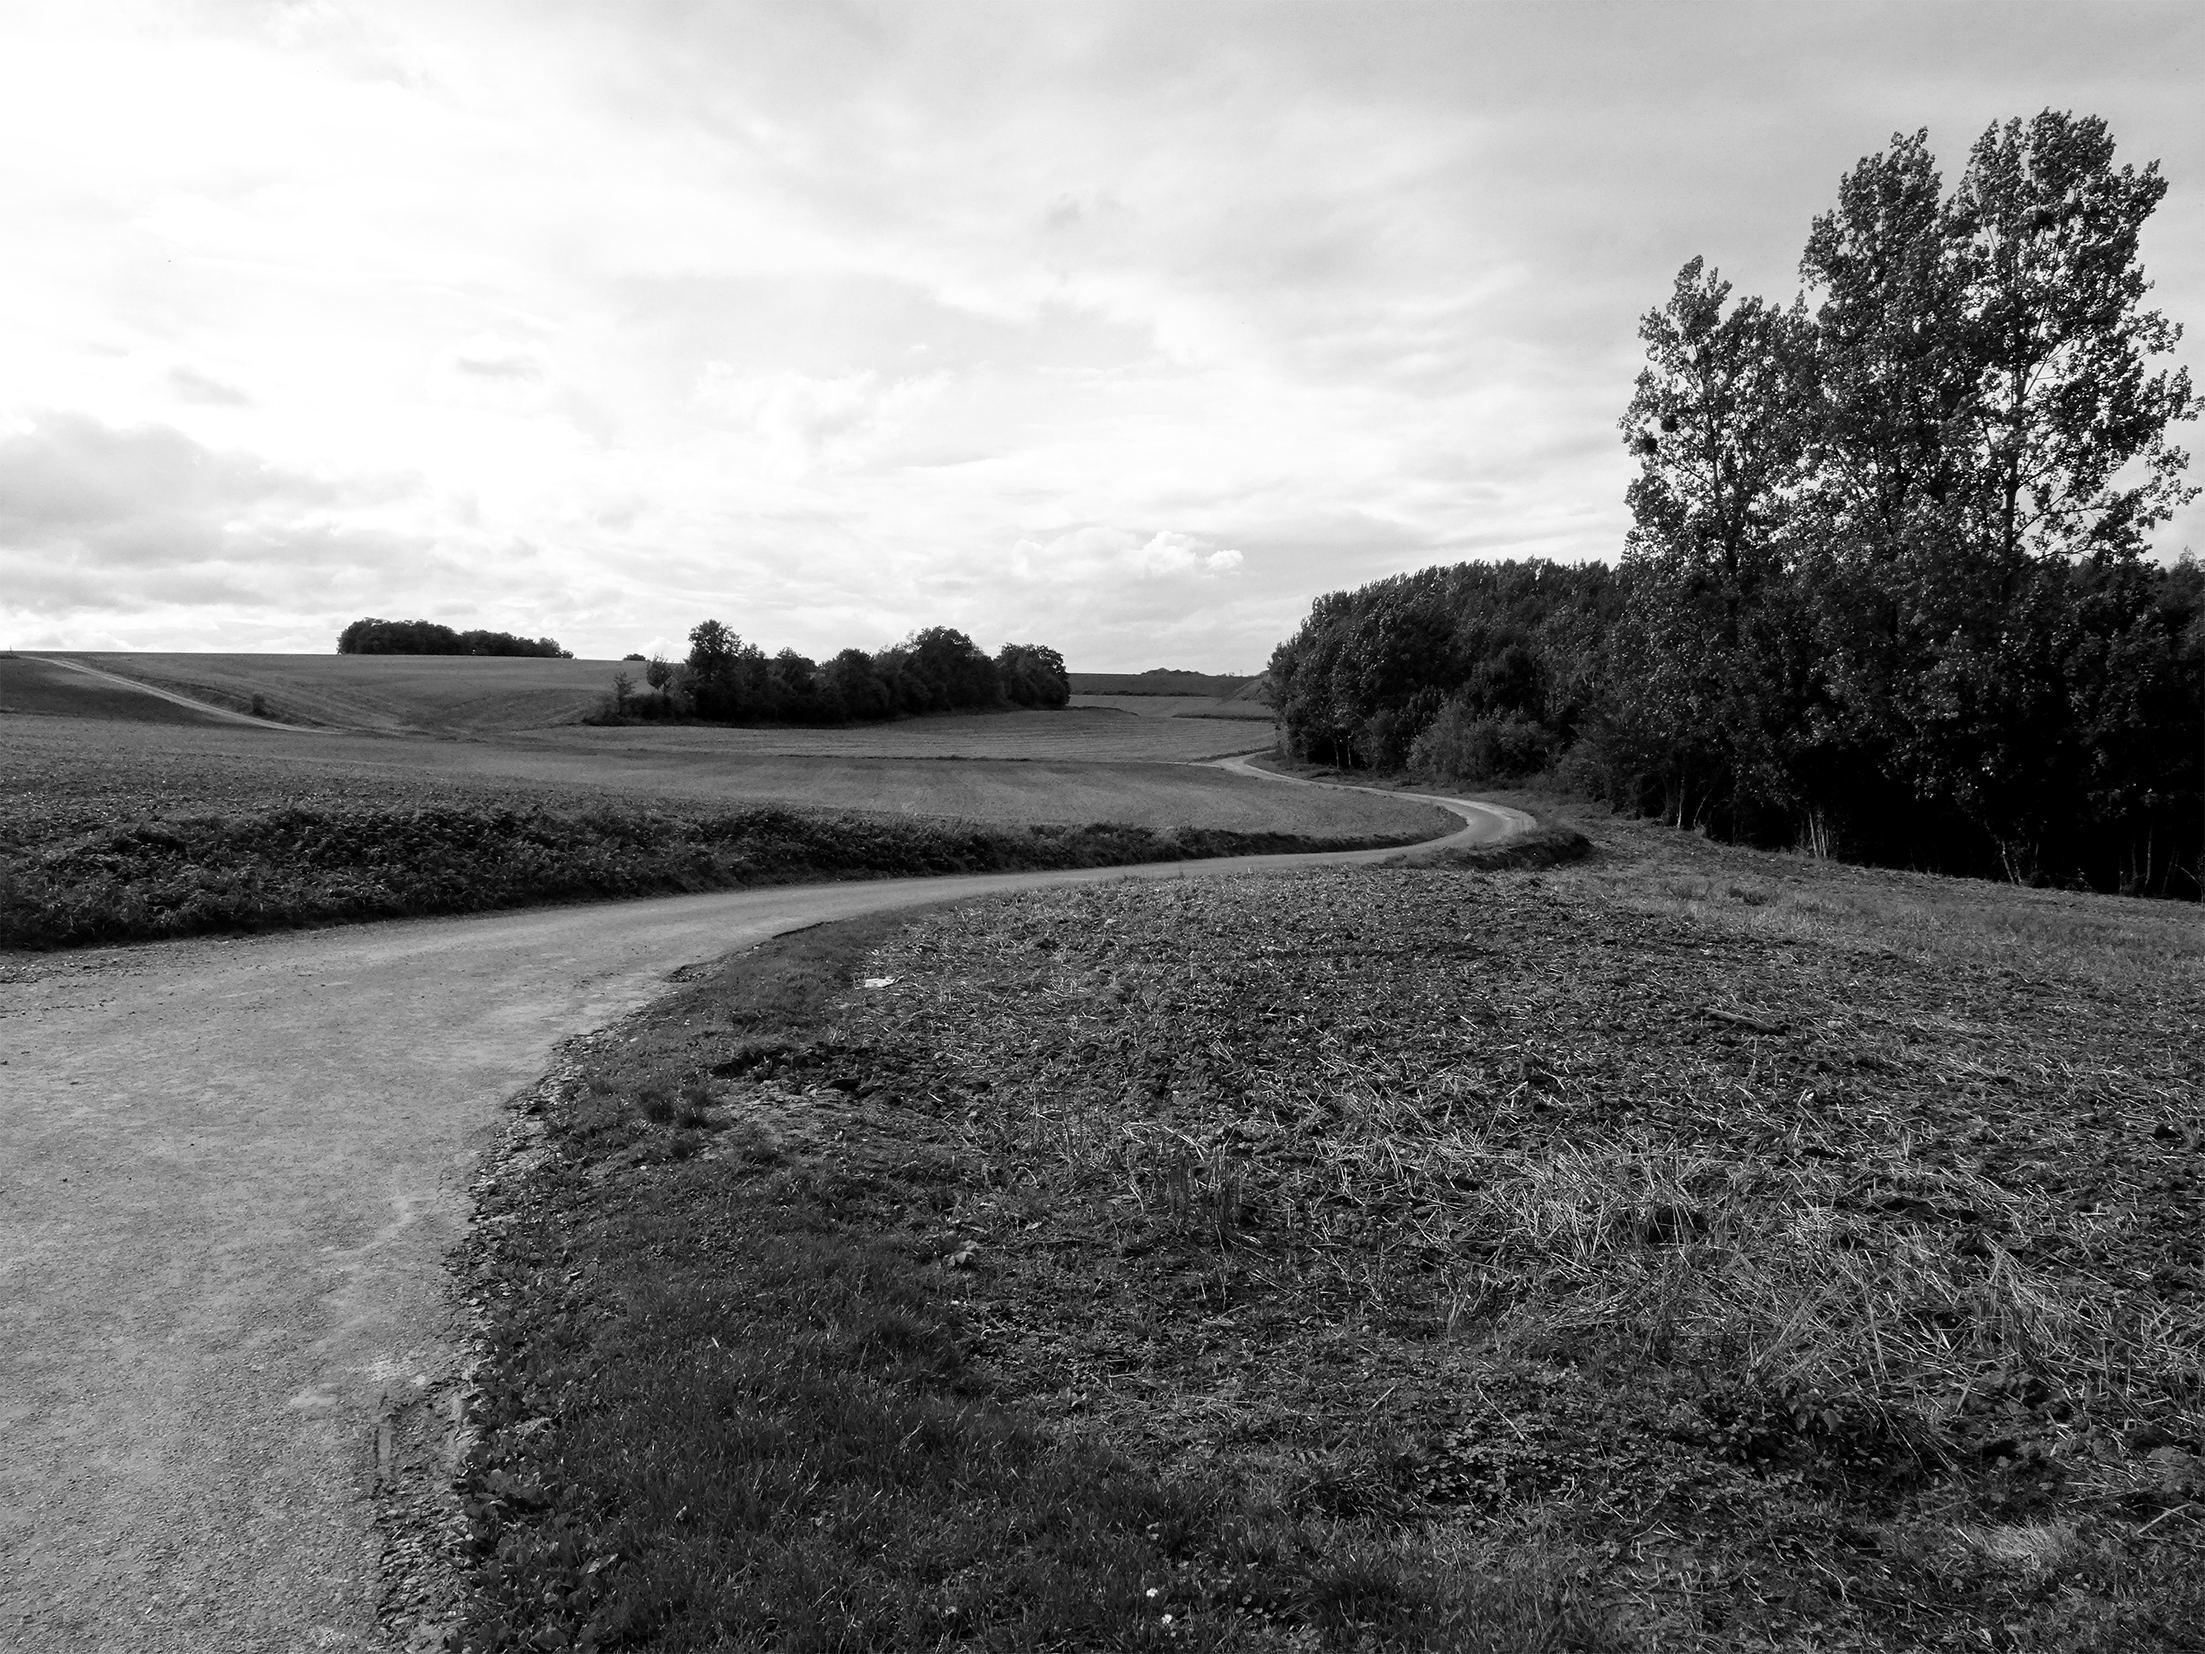 Dessiner un projet agricole durable dans la vallée de l'Aronde - De l'agriculture conventionnelle à l'agriculture biologique, comment le paysagiste peut-il enrichir un projet d'agricole durable ?